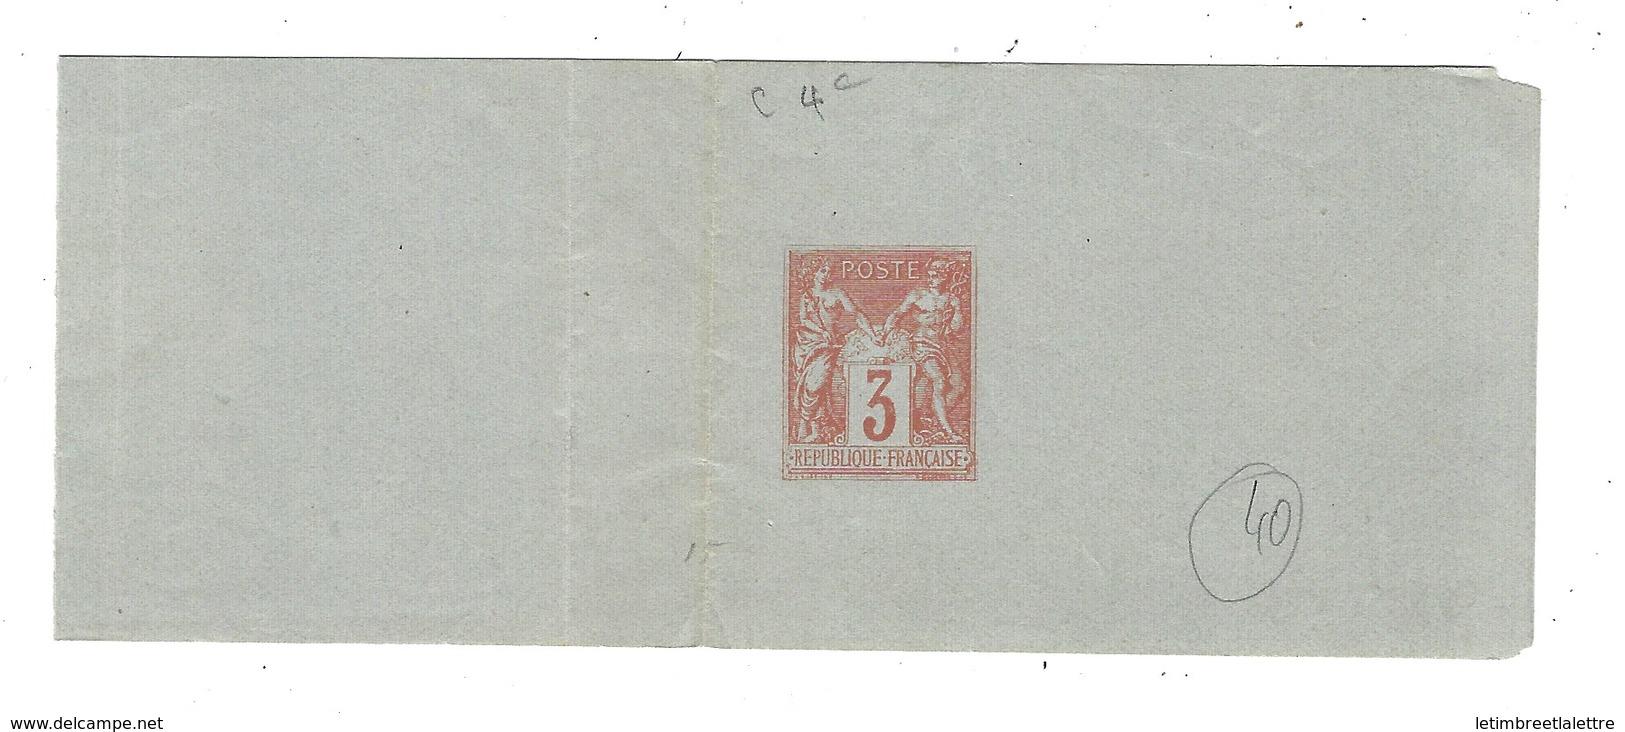 France, Entier Postal, Bande Privée T.S.C, C4 ( 4c ) Papier Bleu - Entiers Postaux